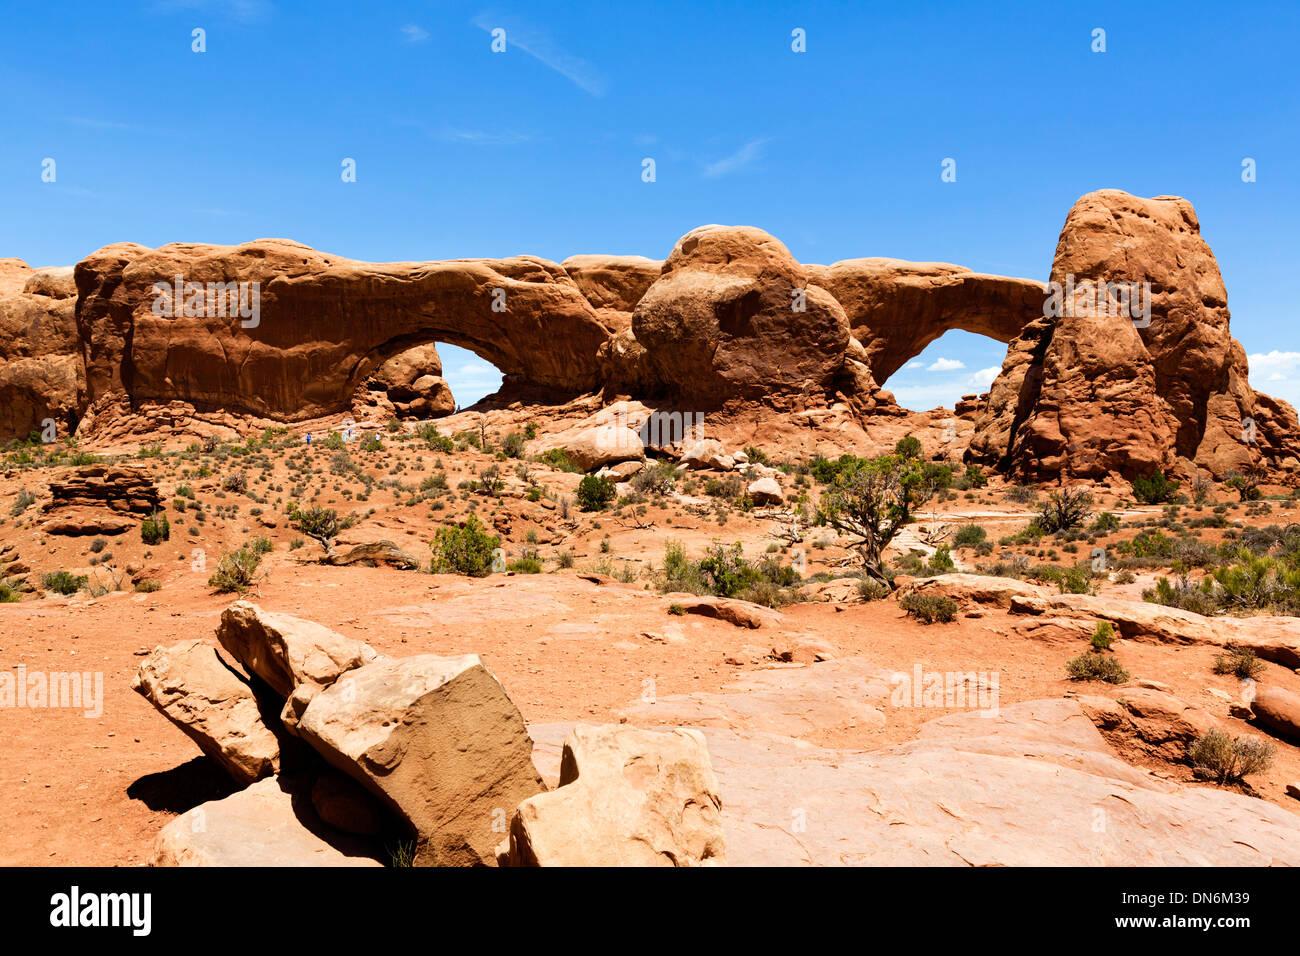 El Norte y el Sur Windows arcos, la sección Windows, Parque Nacional Arches, en Utah, EE.UU. Imagen De Stock